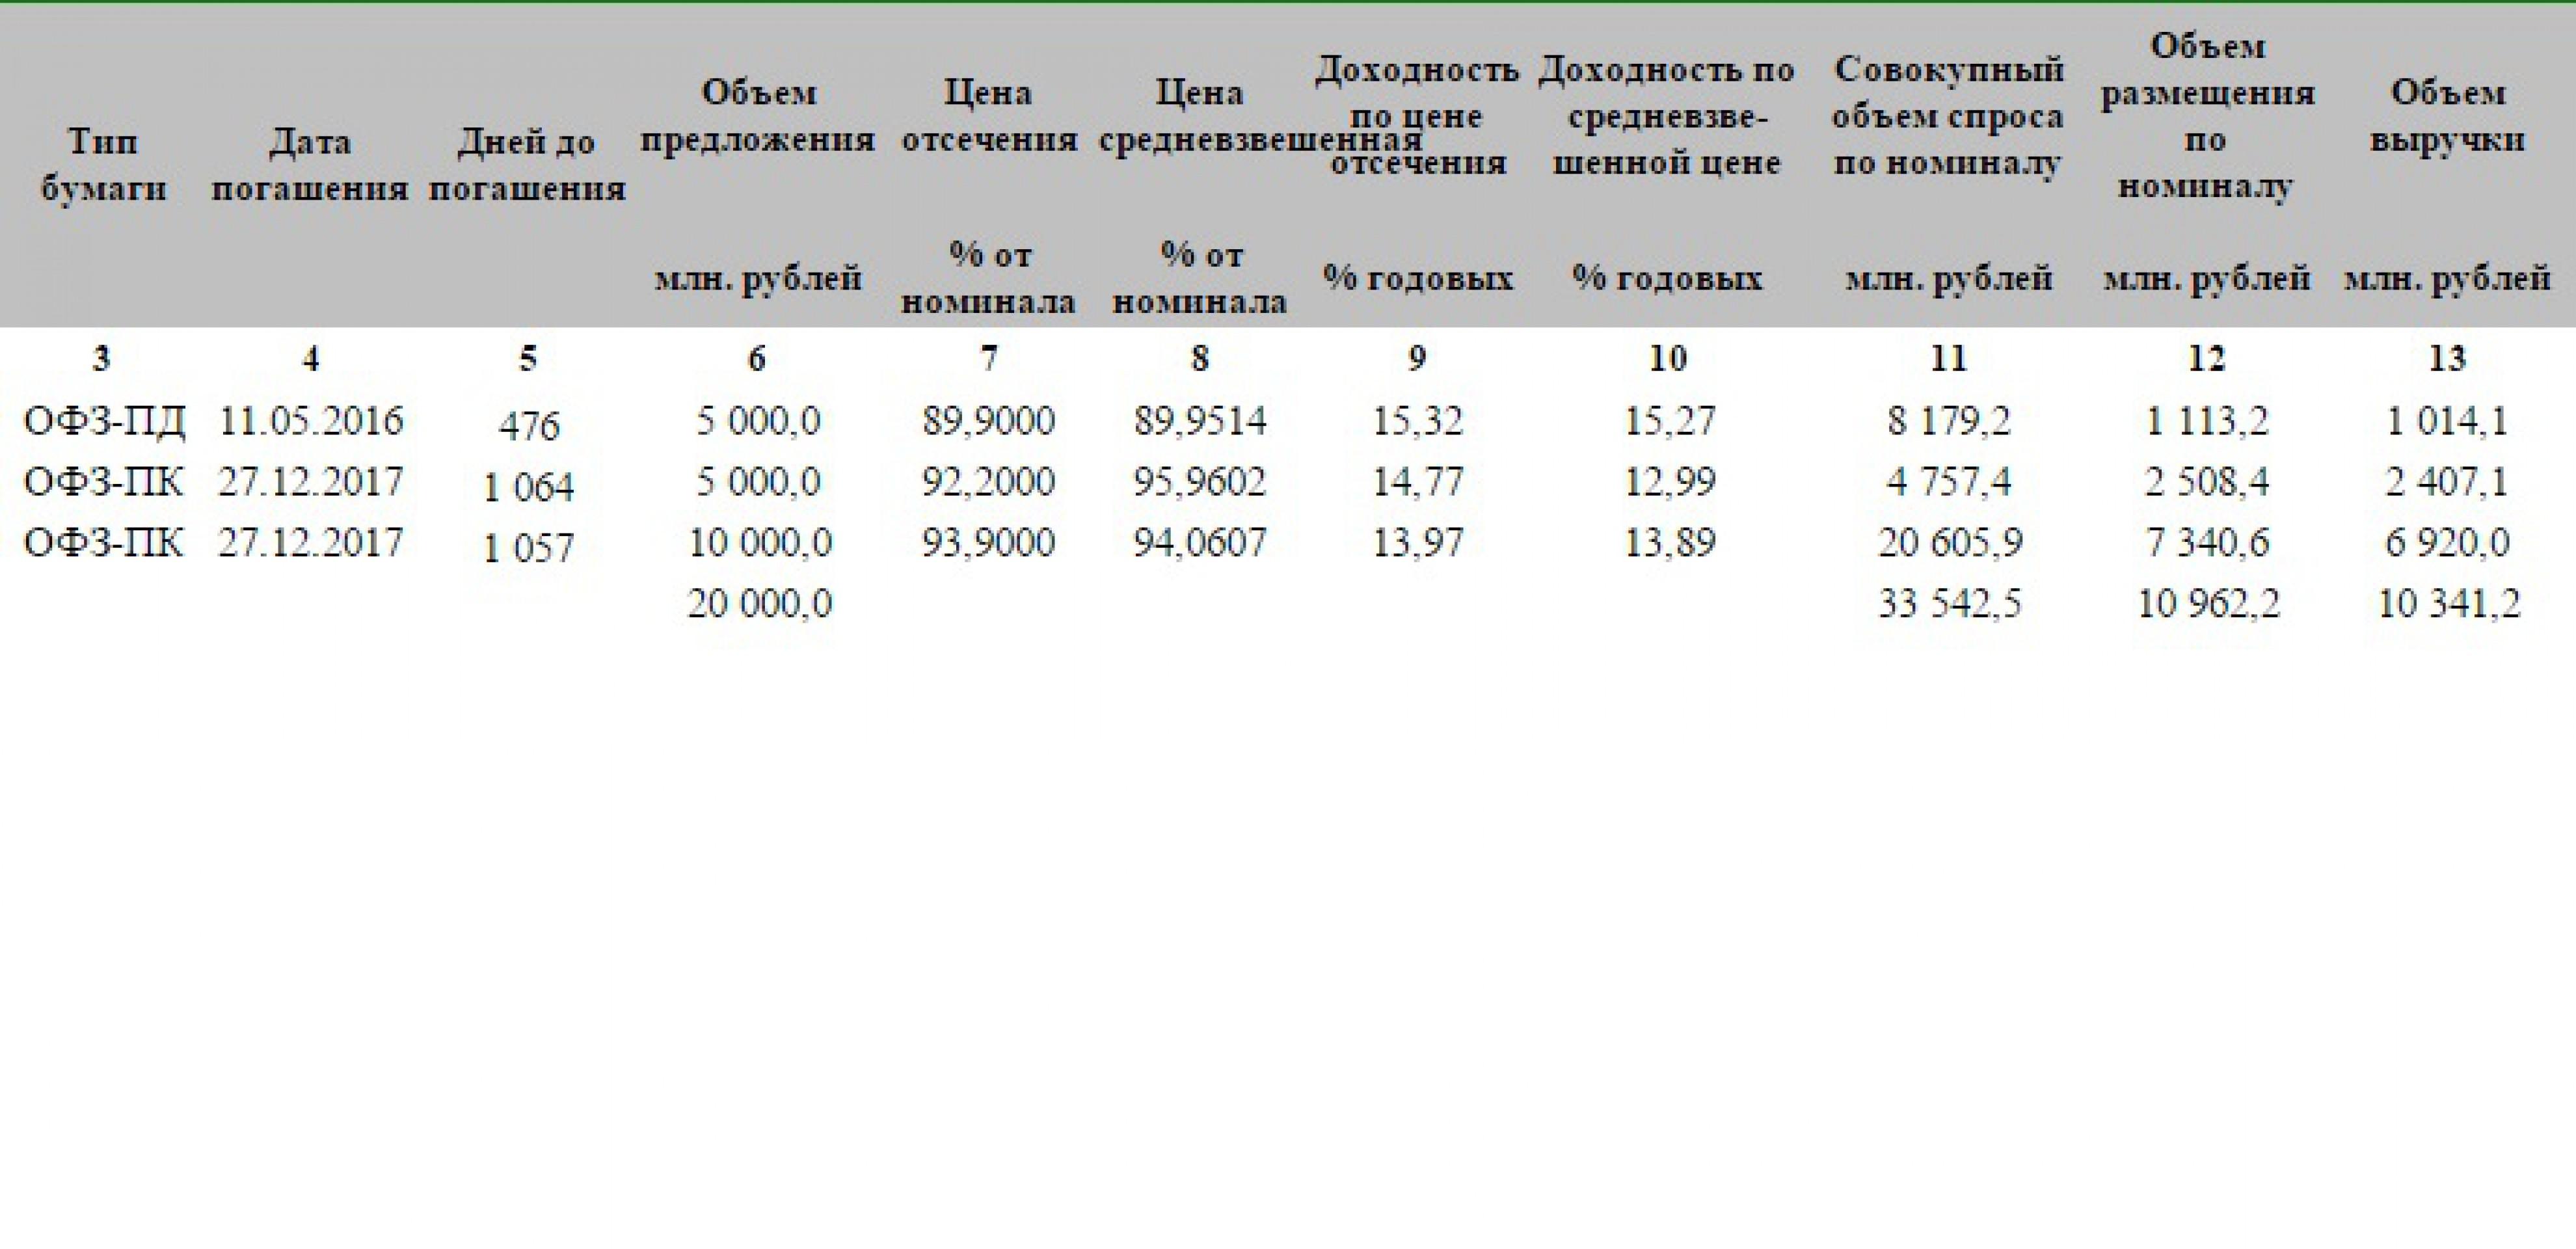 Обзор: МВФ готов выделить Украине $17 млрд